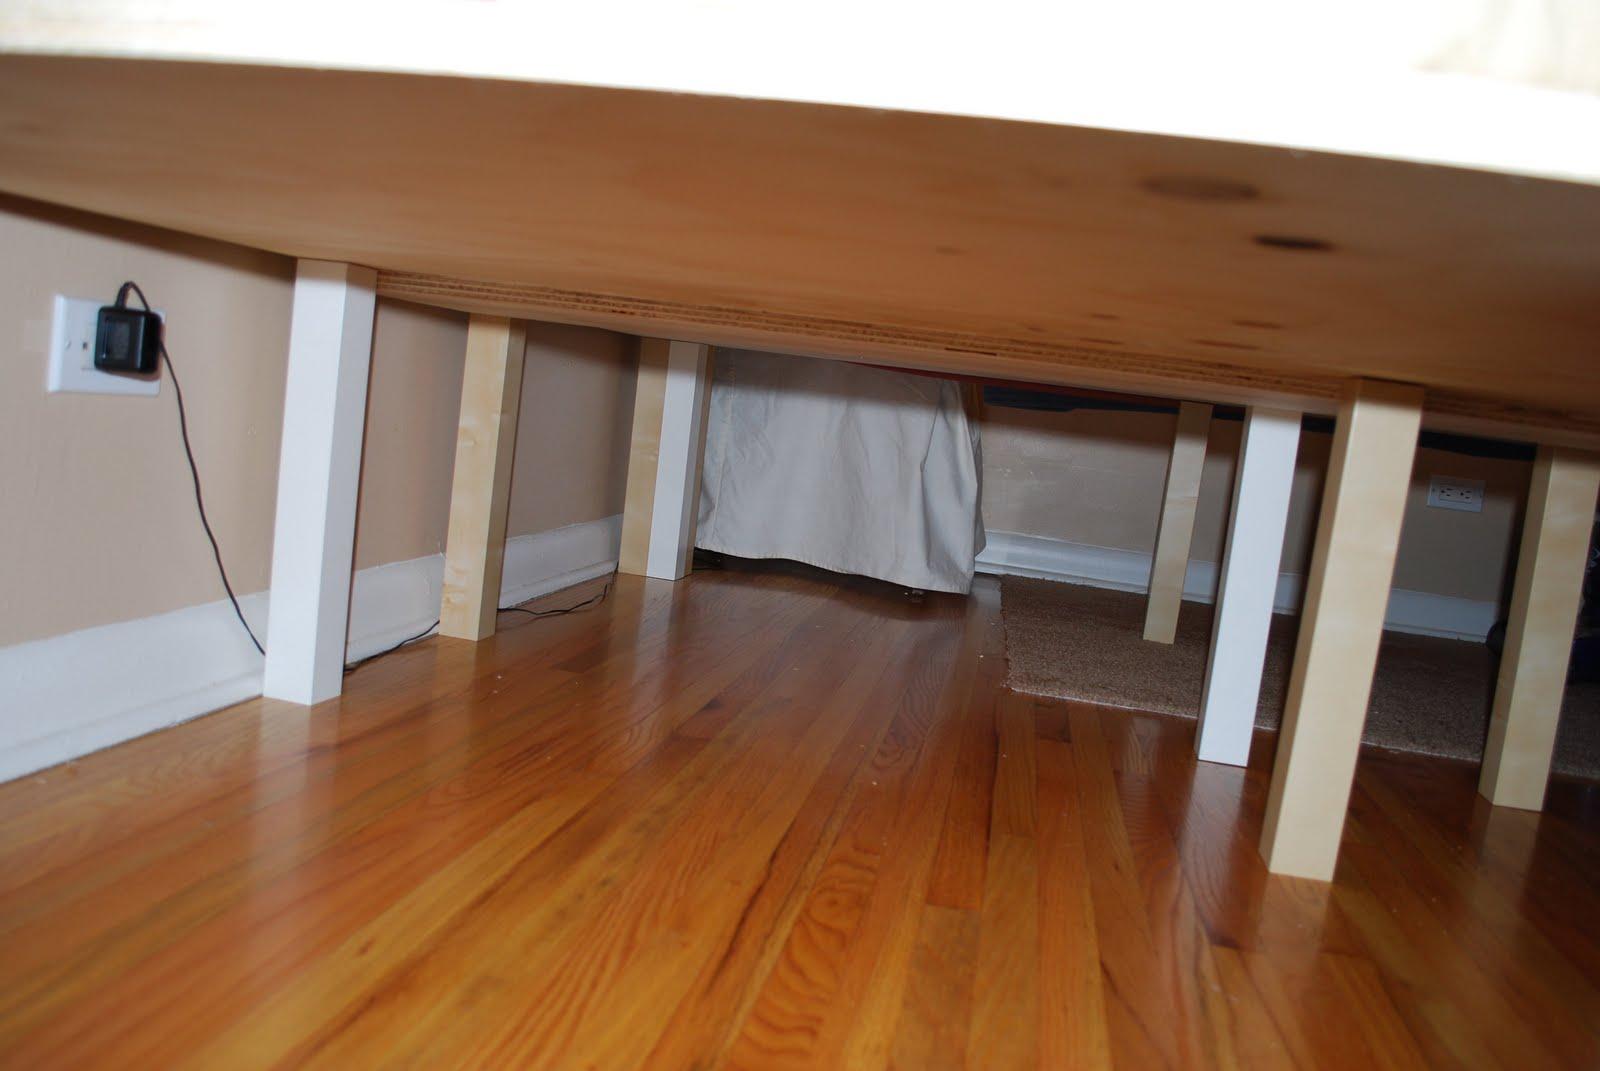 cali king lackable headboard and platform bed frame ikea hackers. Black Bedroom Furniture Sets. Home Design Ideas